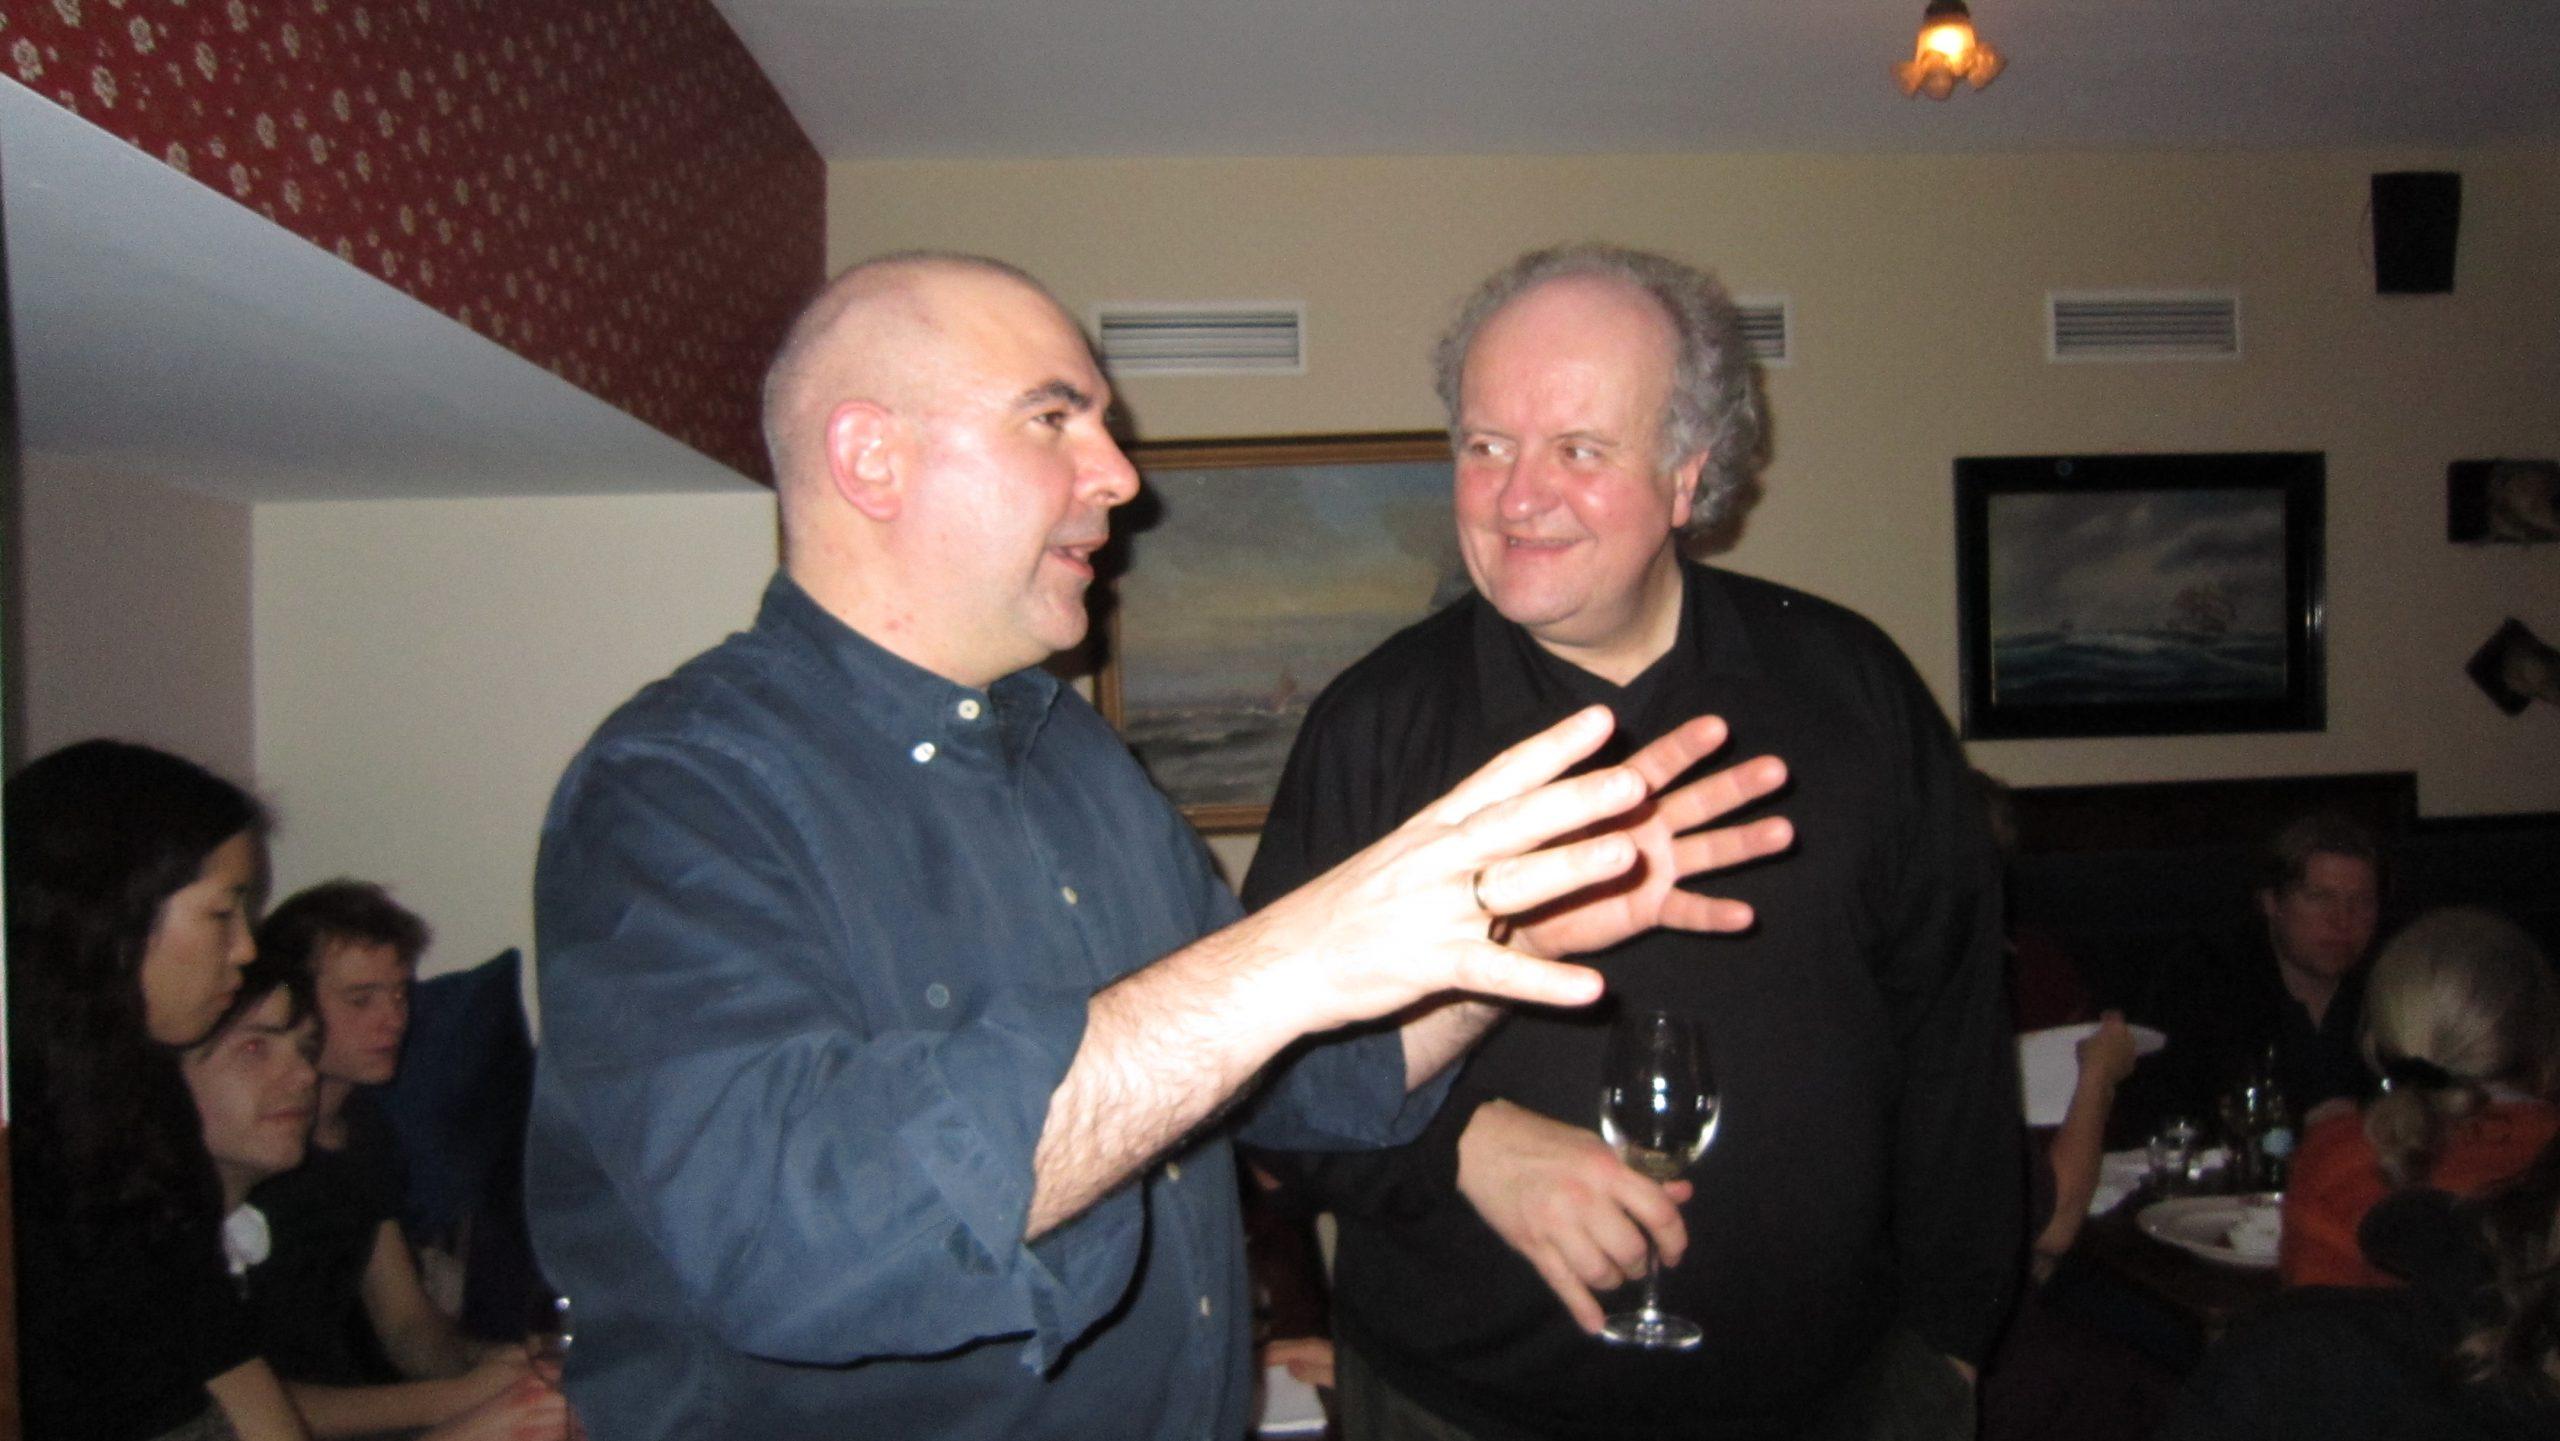 Juscheld compositor del Oratorio Apocalypsis Iesu con Wolfgang Rhim en el festival de Rostock, Alemania